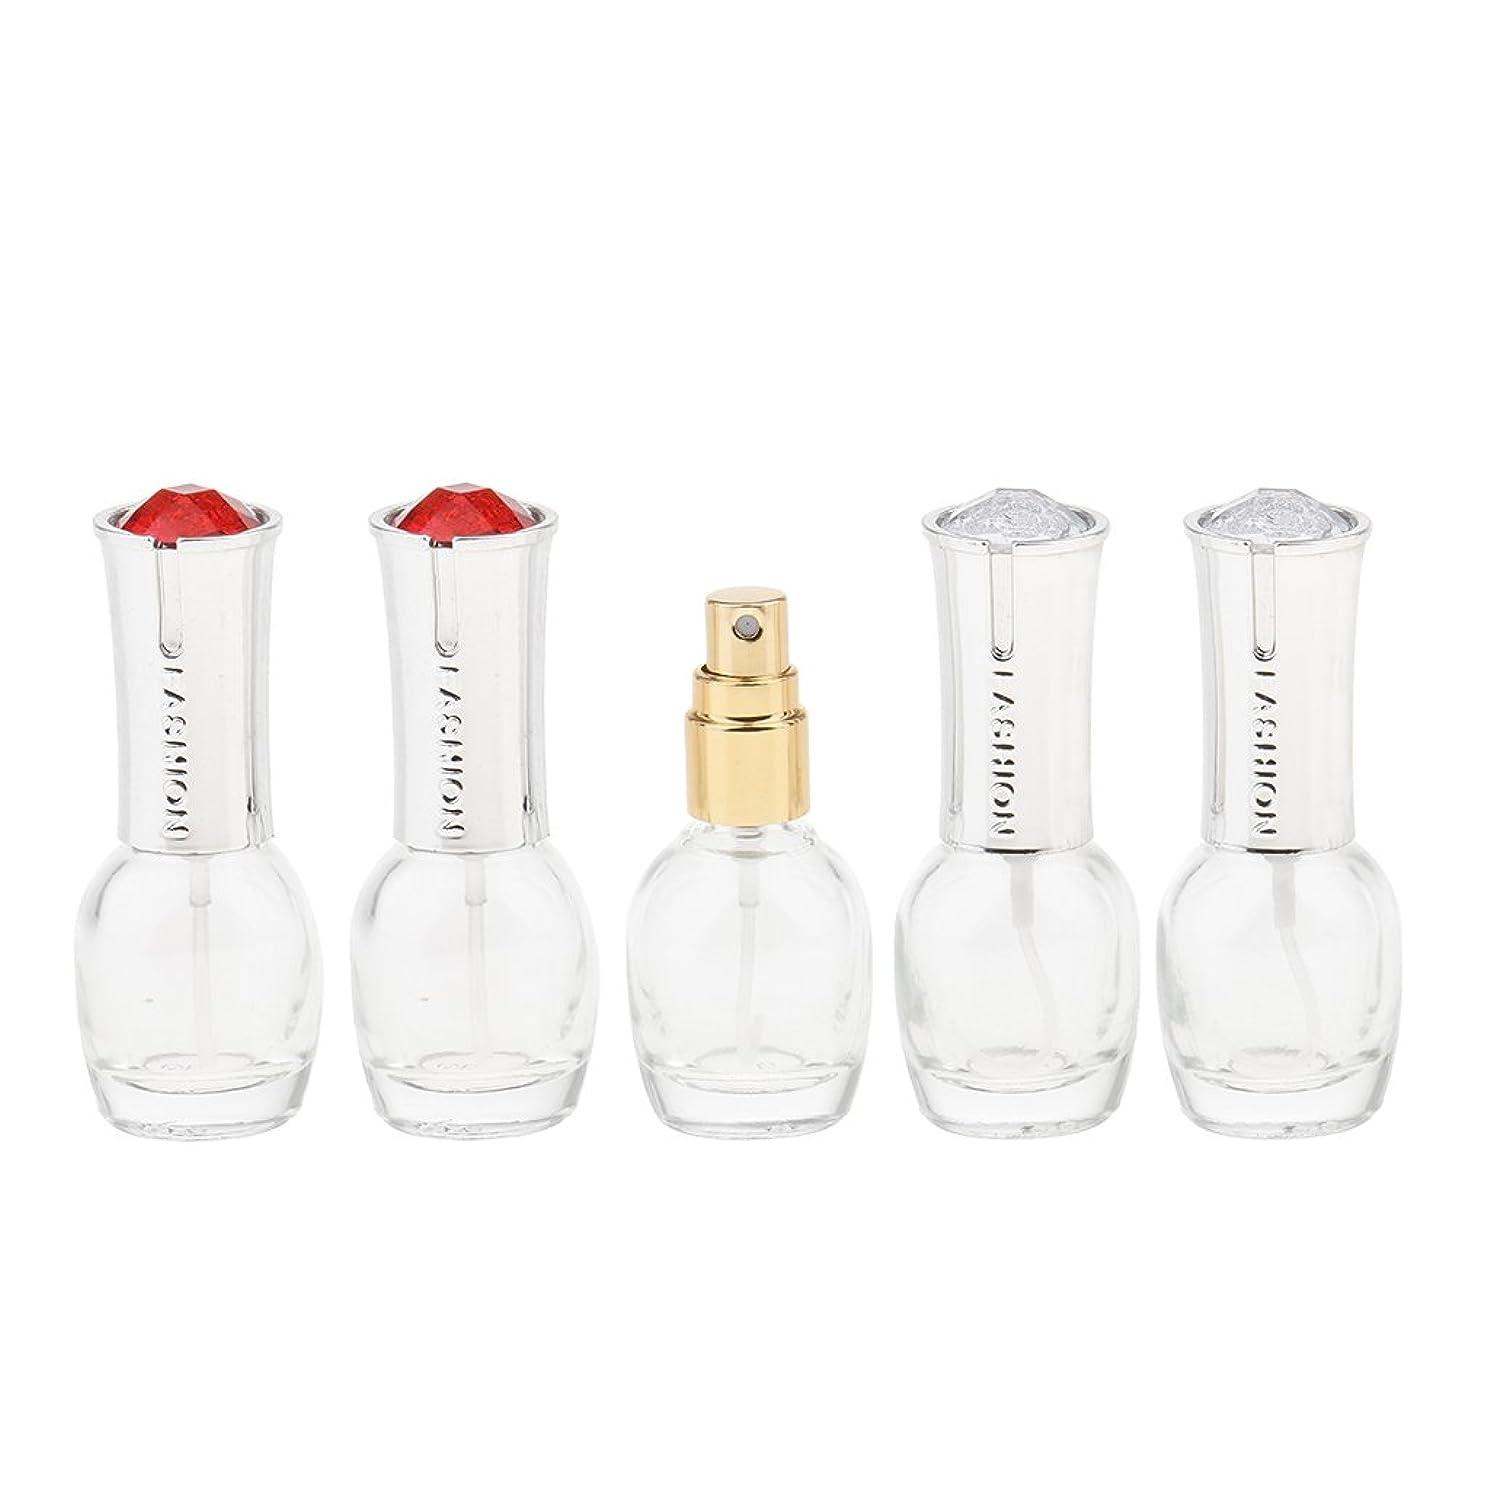 ボックス悪夢ファイターKesoto 5個 ガラス 香水ボトル 空のガラスエッセンシャル オイル 香水 アトマイザー スプレーボトル 10ml 旅行